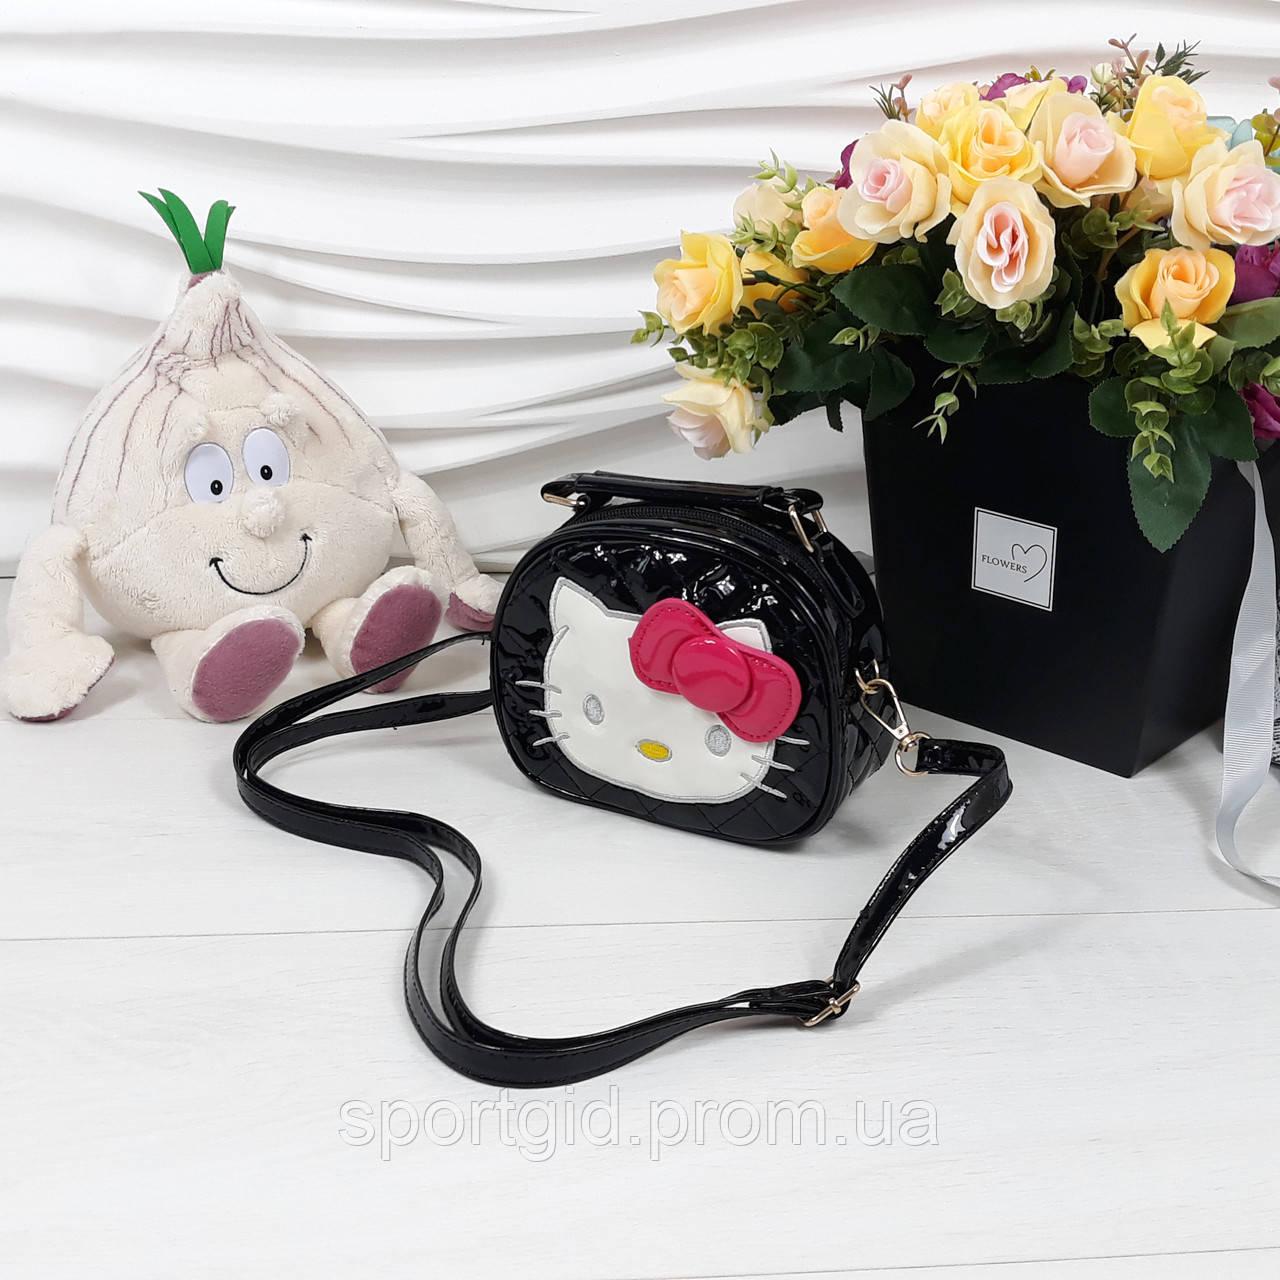 56bcd8f5943c Лаковая сумочка с бантиком для девочек Hello Kitty - Интернет магазин  ShopoVik в Запорожье